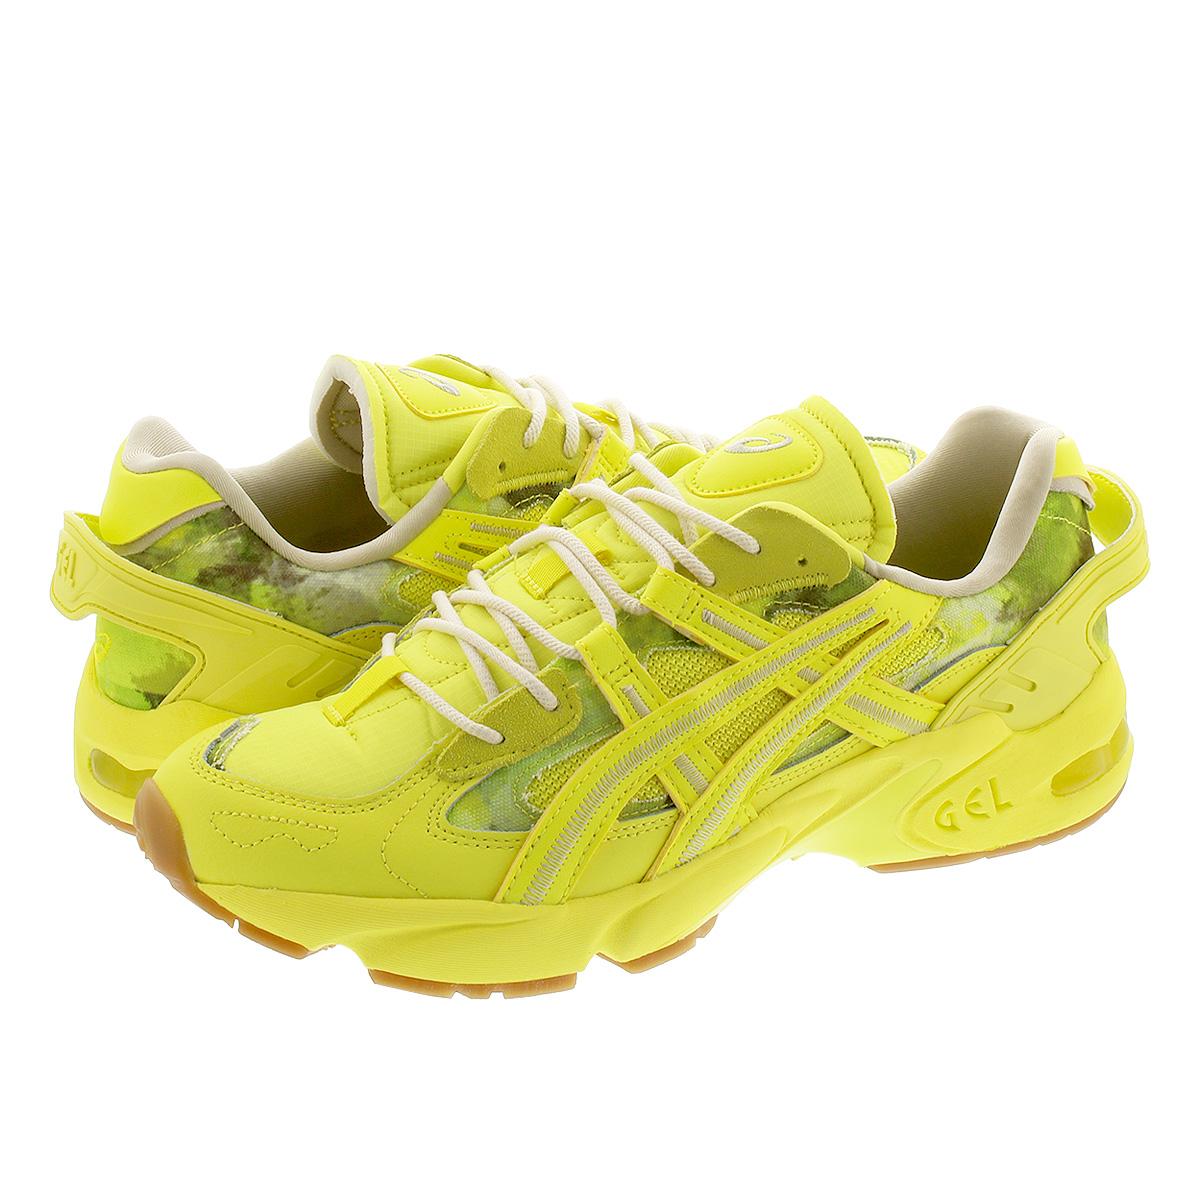 【お買い物マラソンSALE】 ASICS SPORTSTYLE GEL-KAYANO 5 RE アシックス スポーツスタイル ゲルカヤノ ファイブ RE YELLOW 1021a411-750